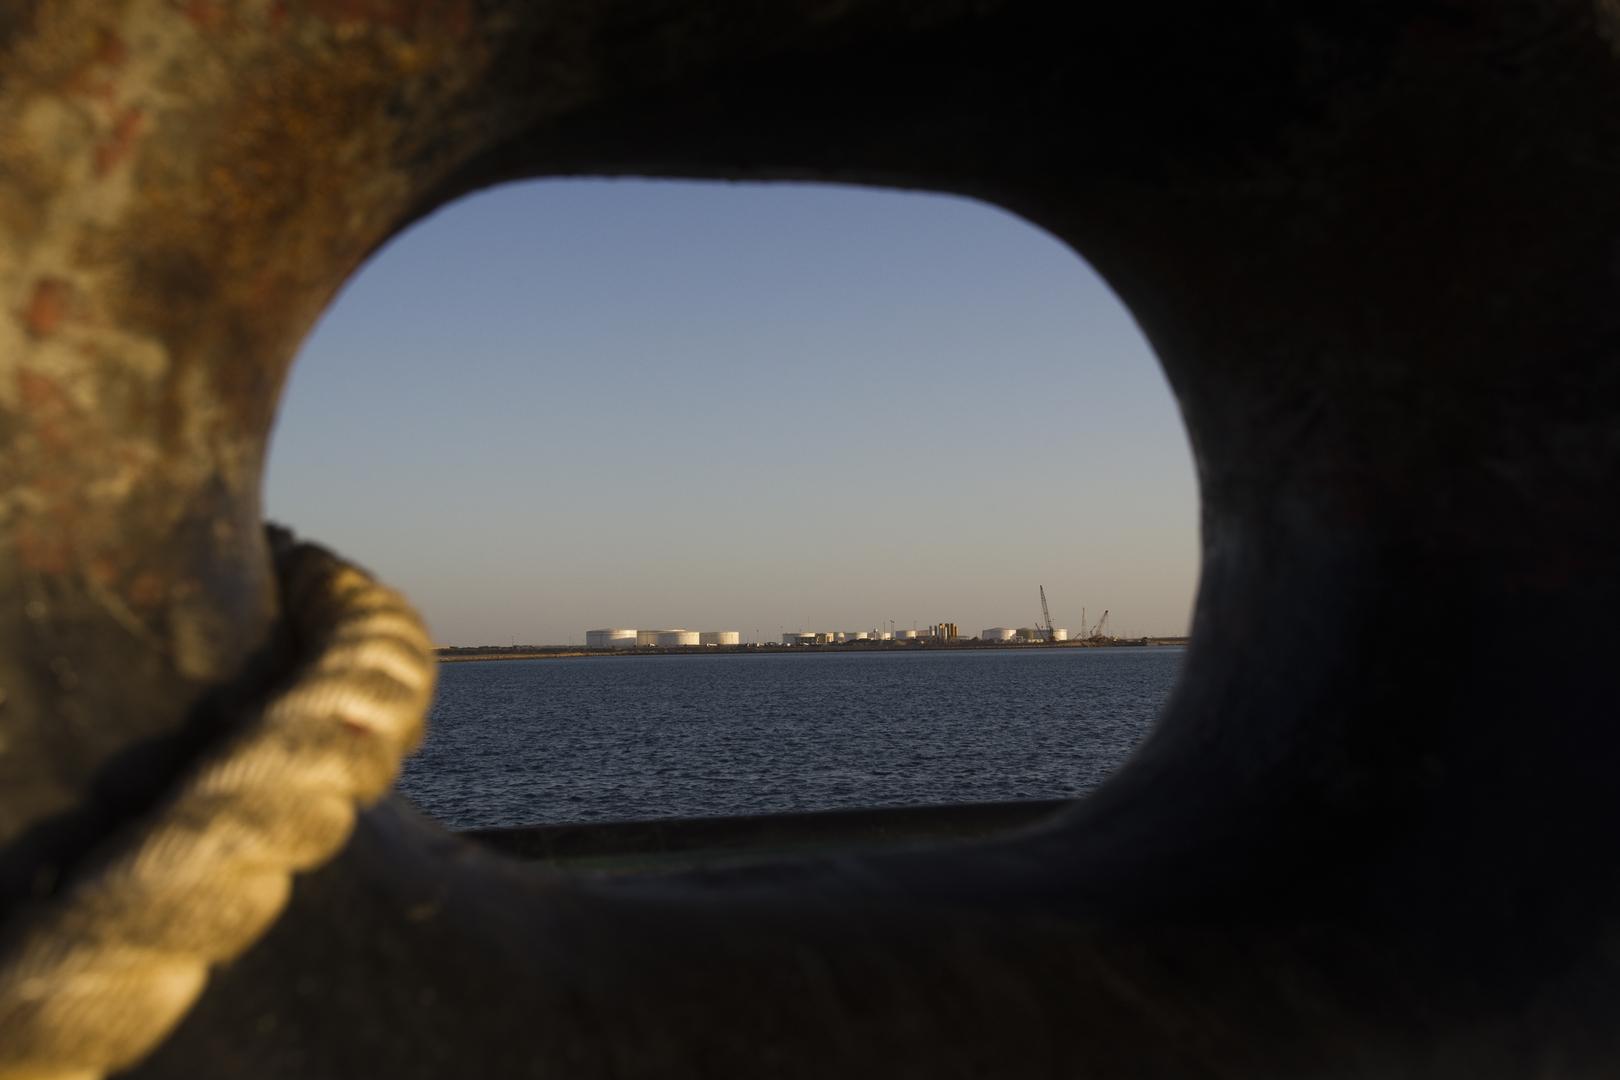 صورة من الأرشيف - ميناء جابهار جنوب شرق إيران